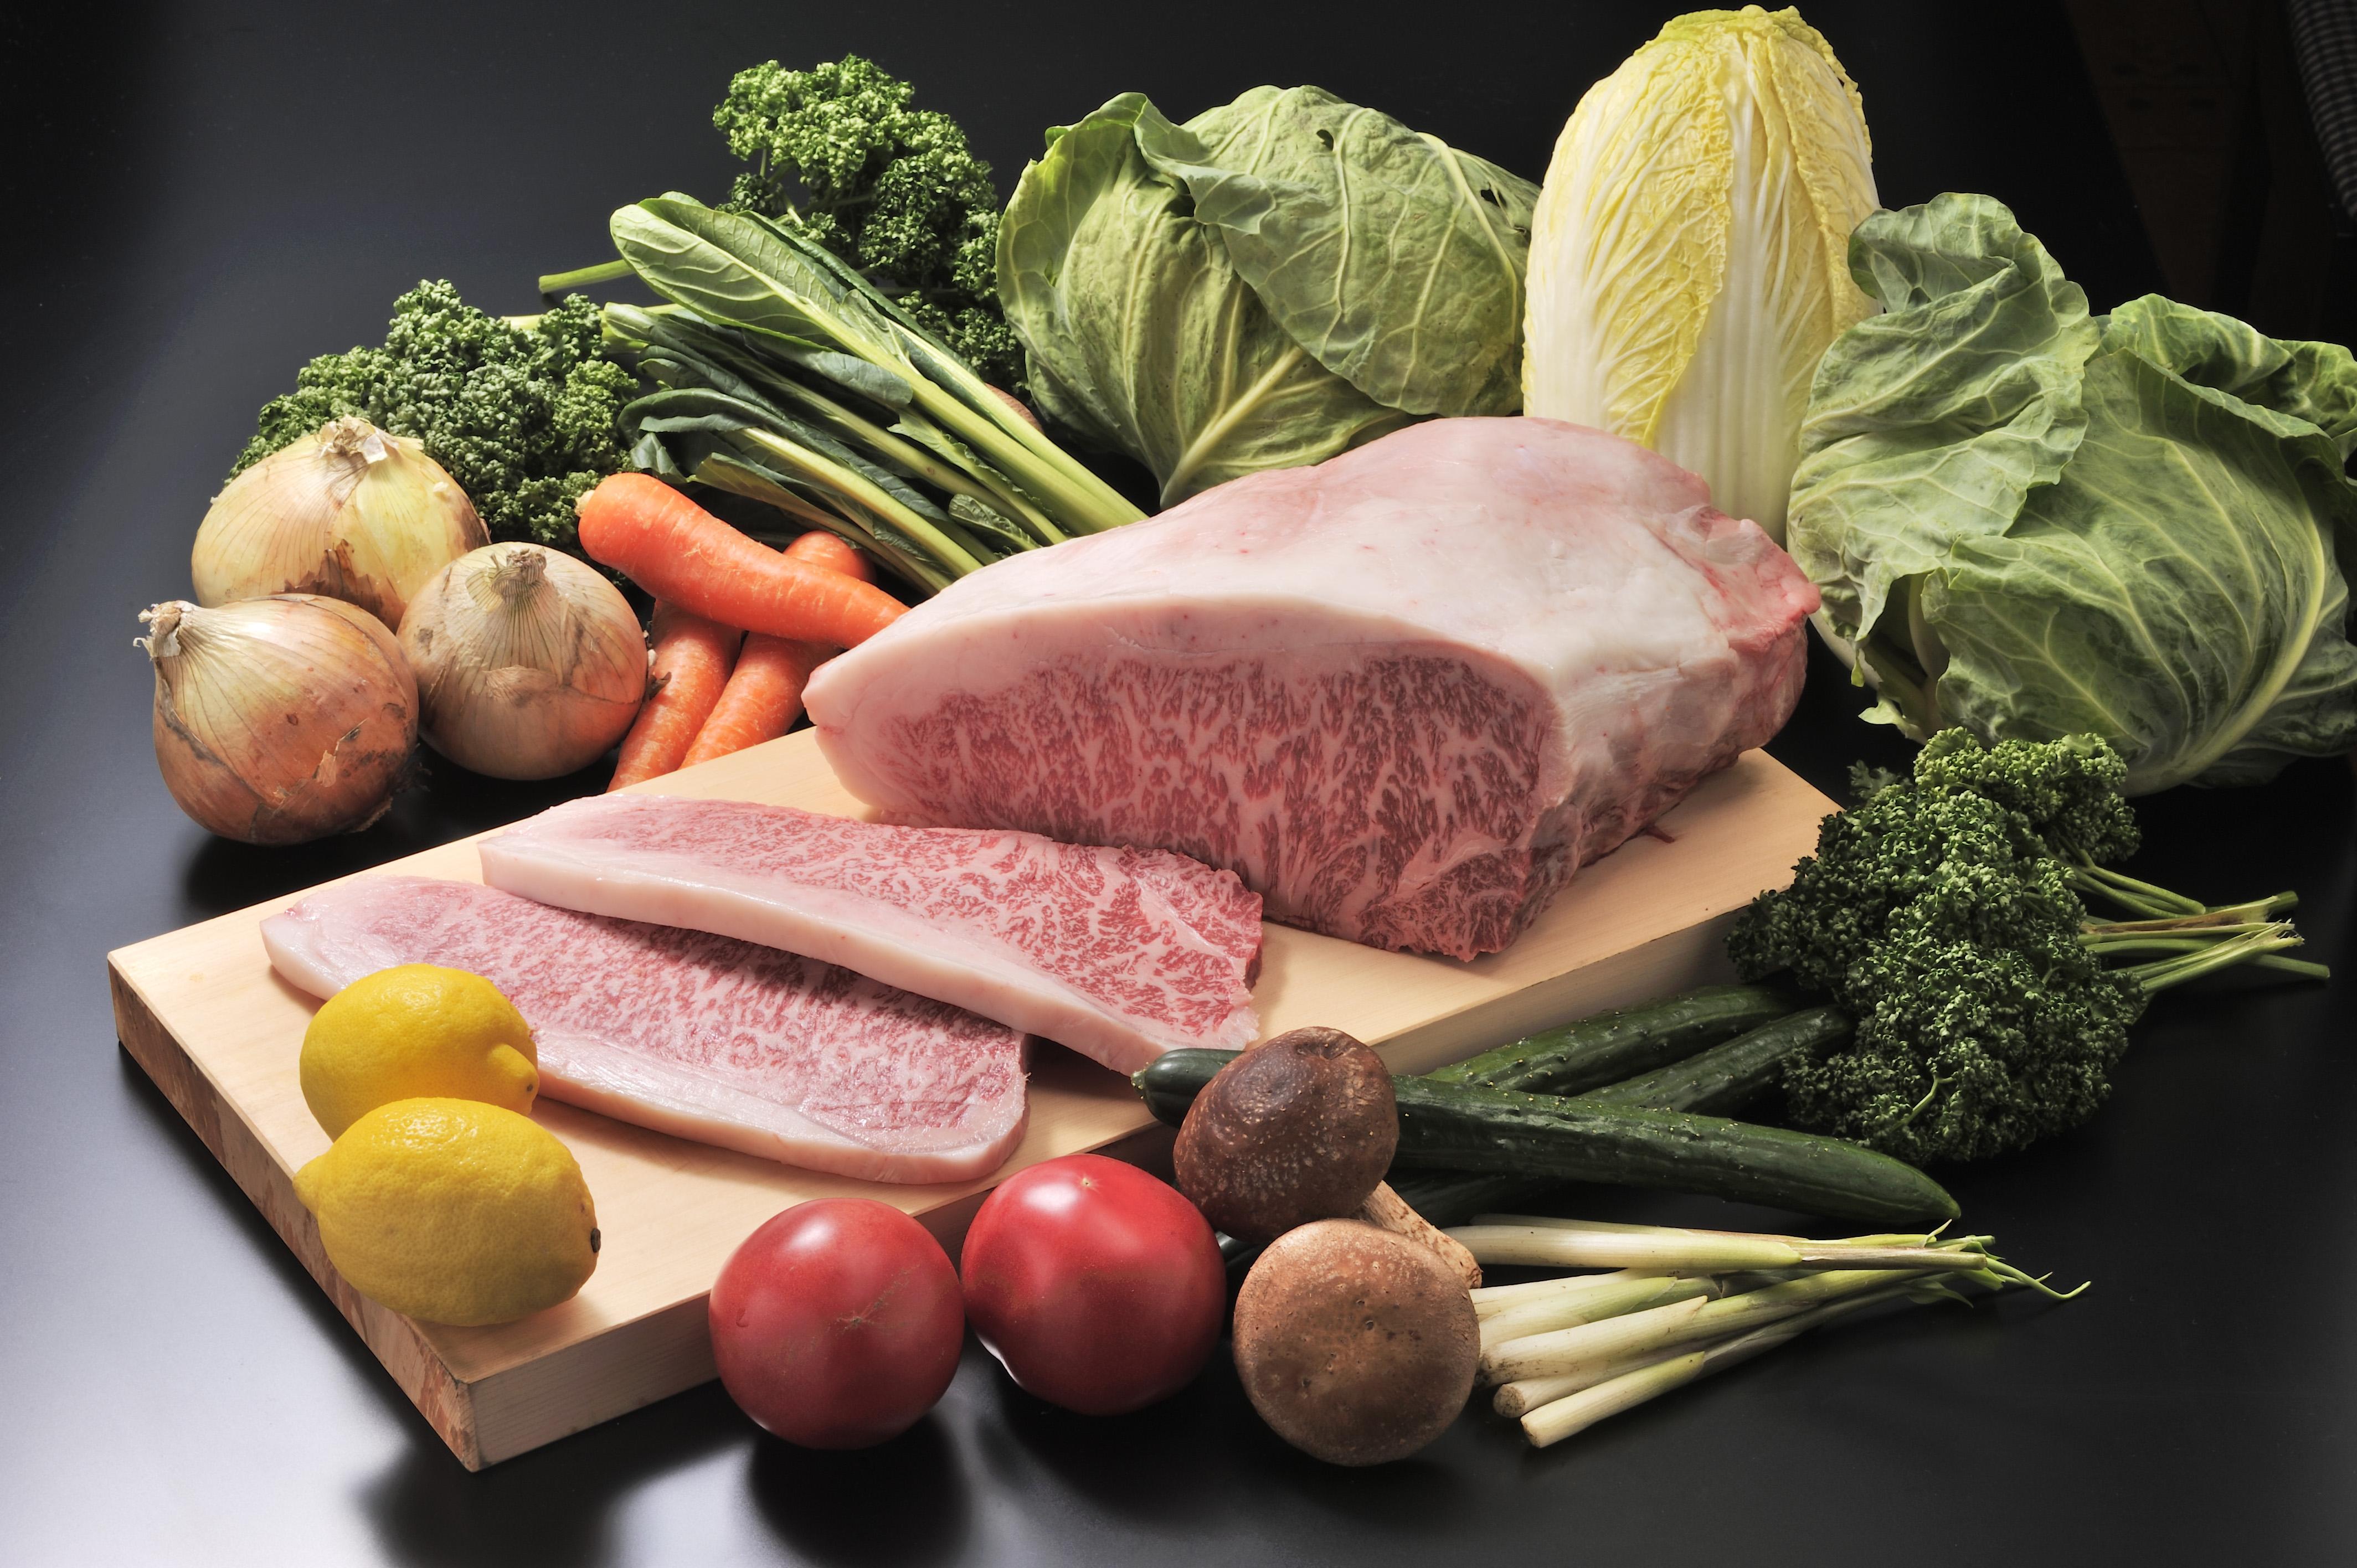 銘選木曽牛サーロイン2枚と開田高原とうもろこしスープのセット